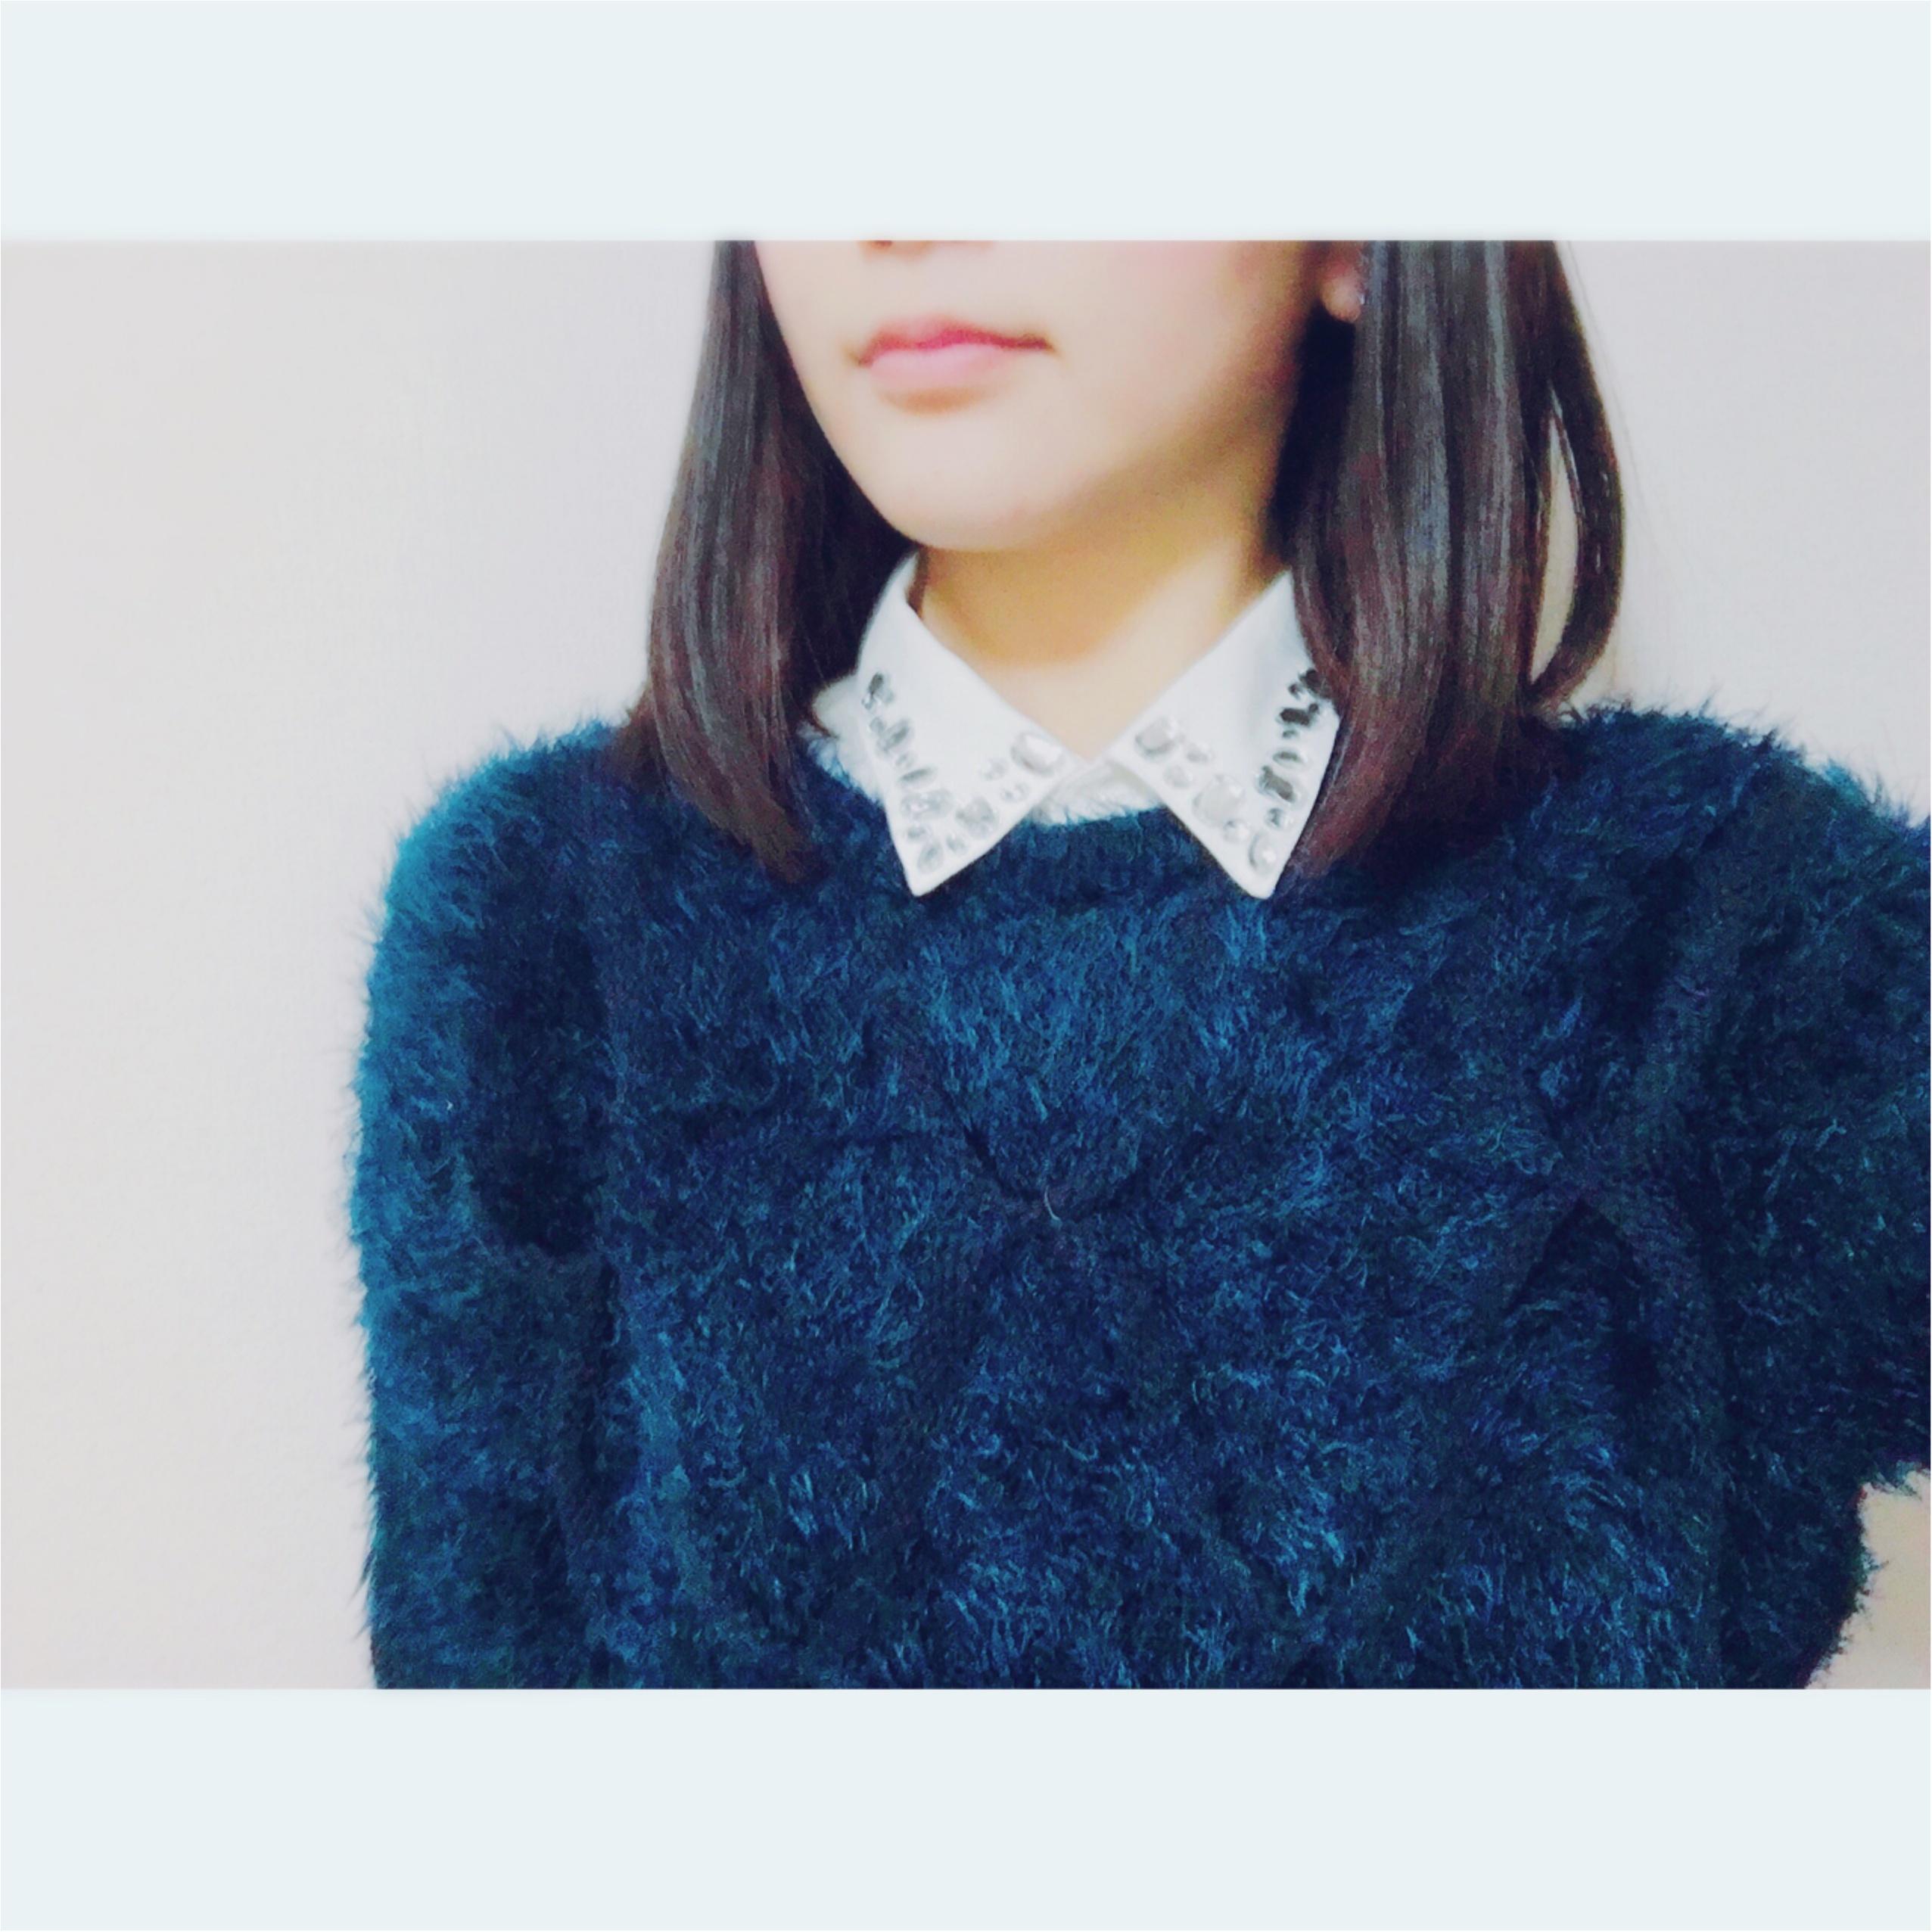 ▷さむ〜い冬をのりきる【ニット】アイテム達_5